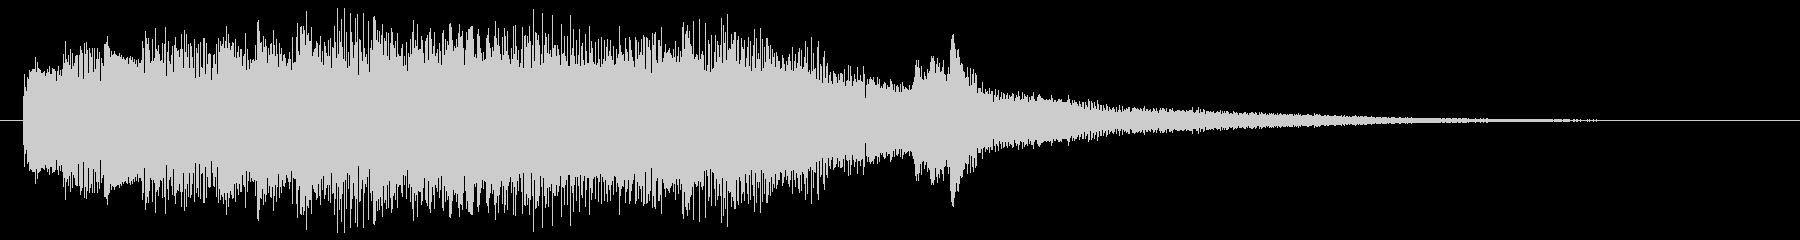 疾走感あるグランドピアノのジングルの未再生の波形